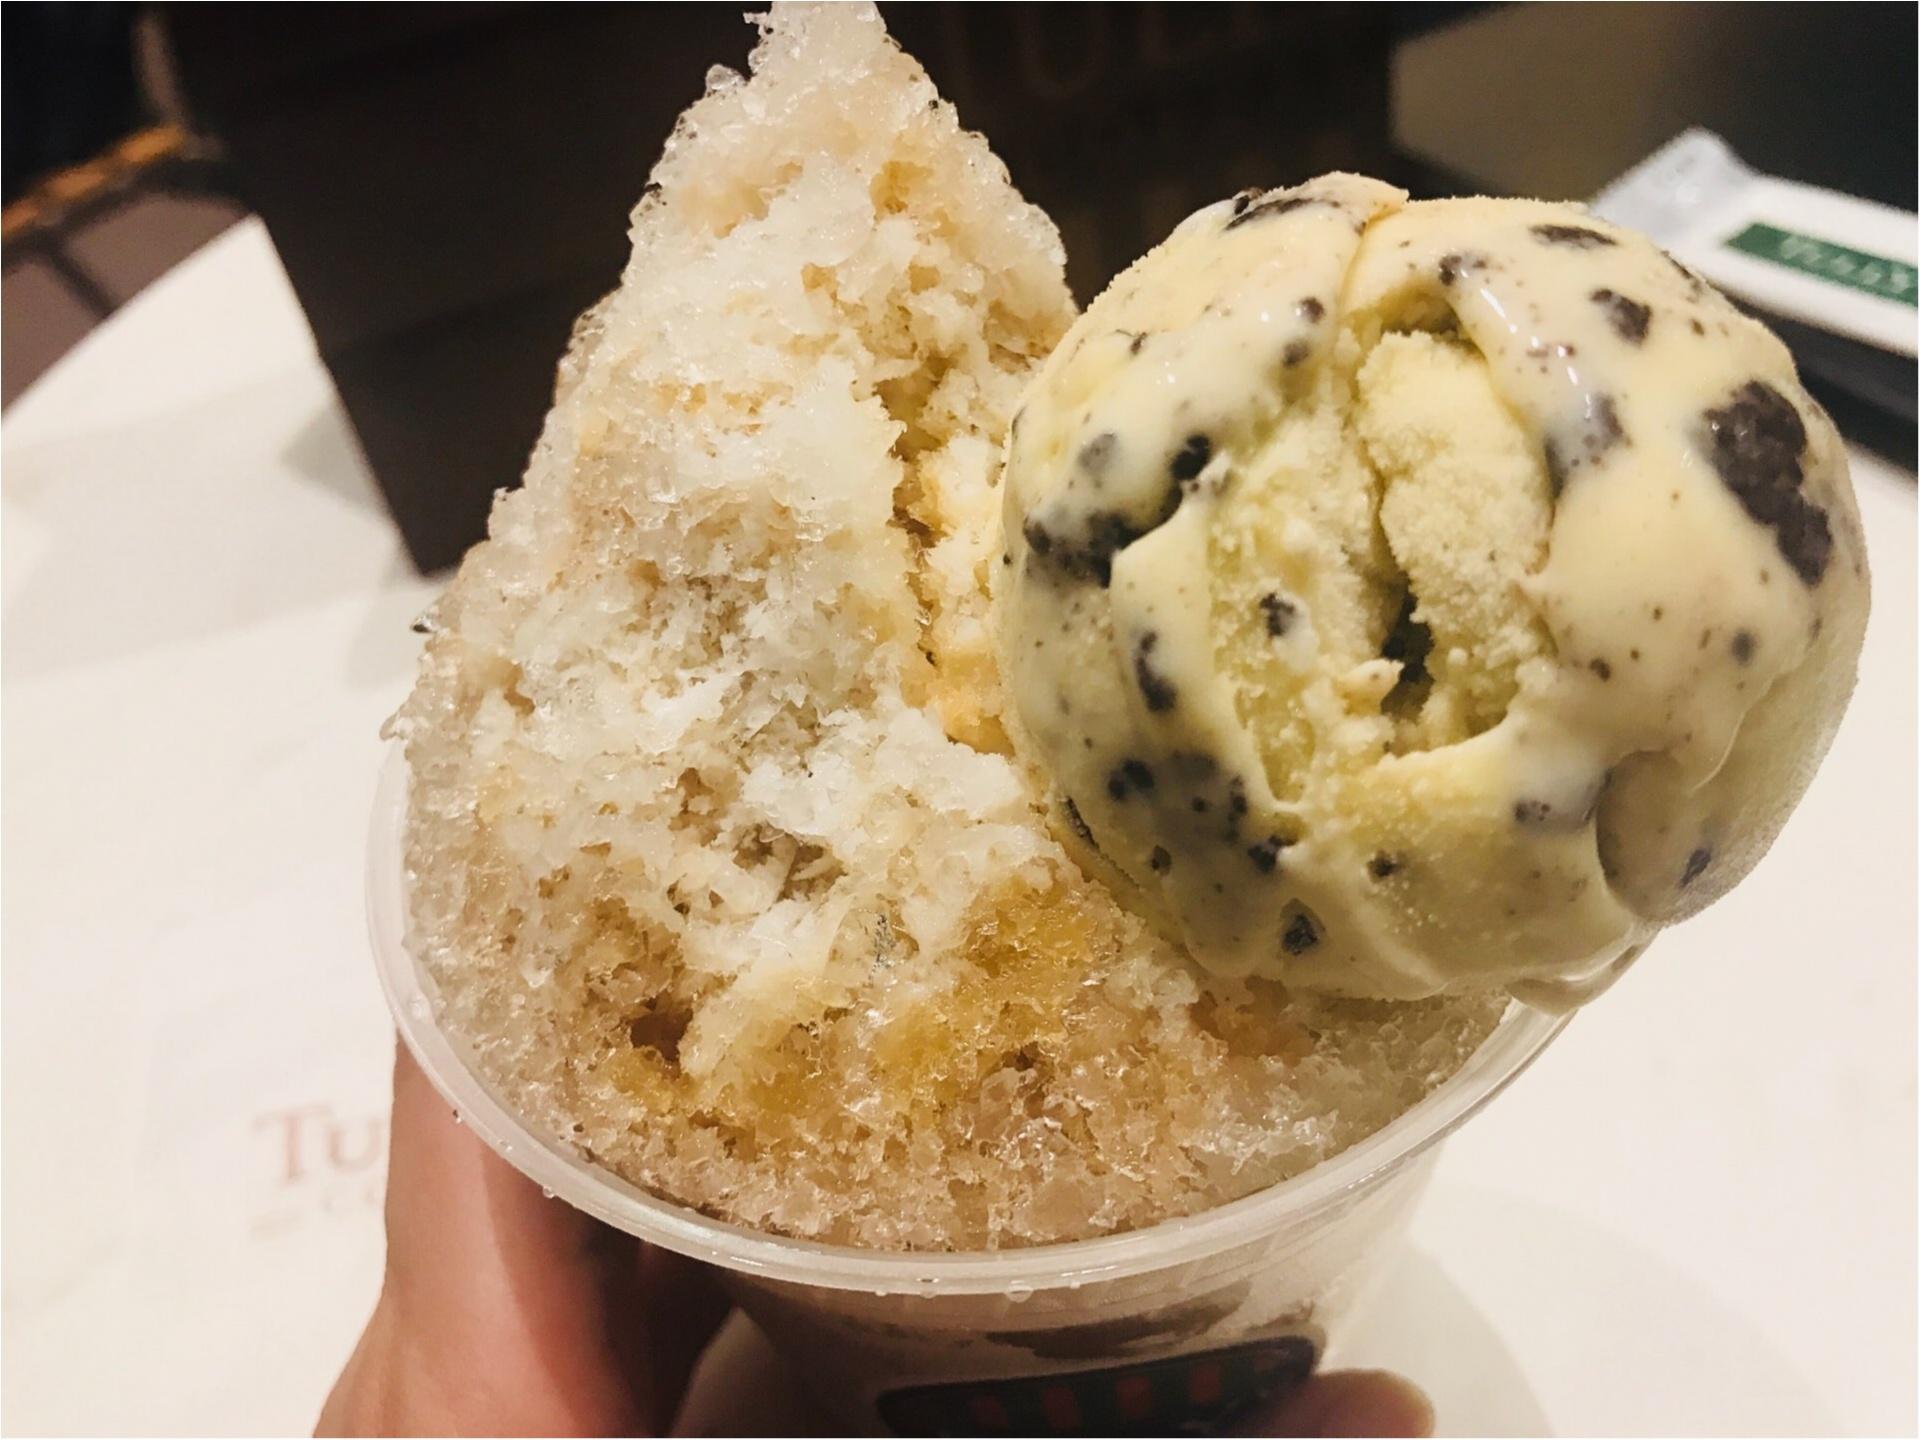 【Tully's】初めてタリーズでかき氷を食べてみた!《アイスラッシュ》が絶品だった♡_2